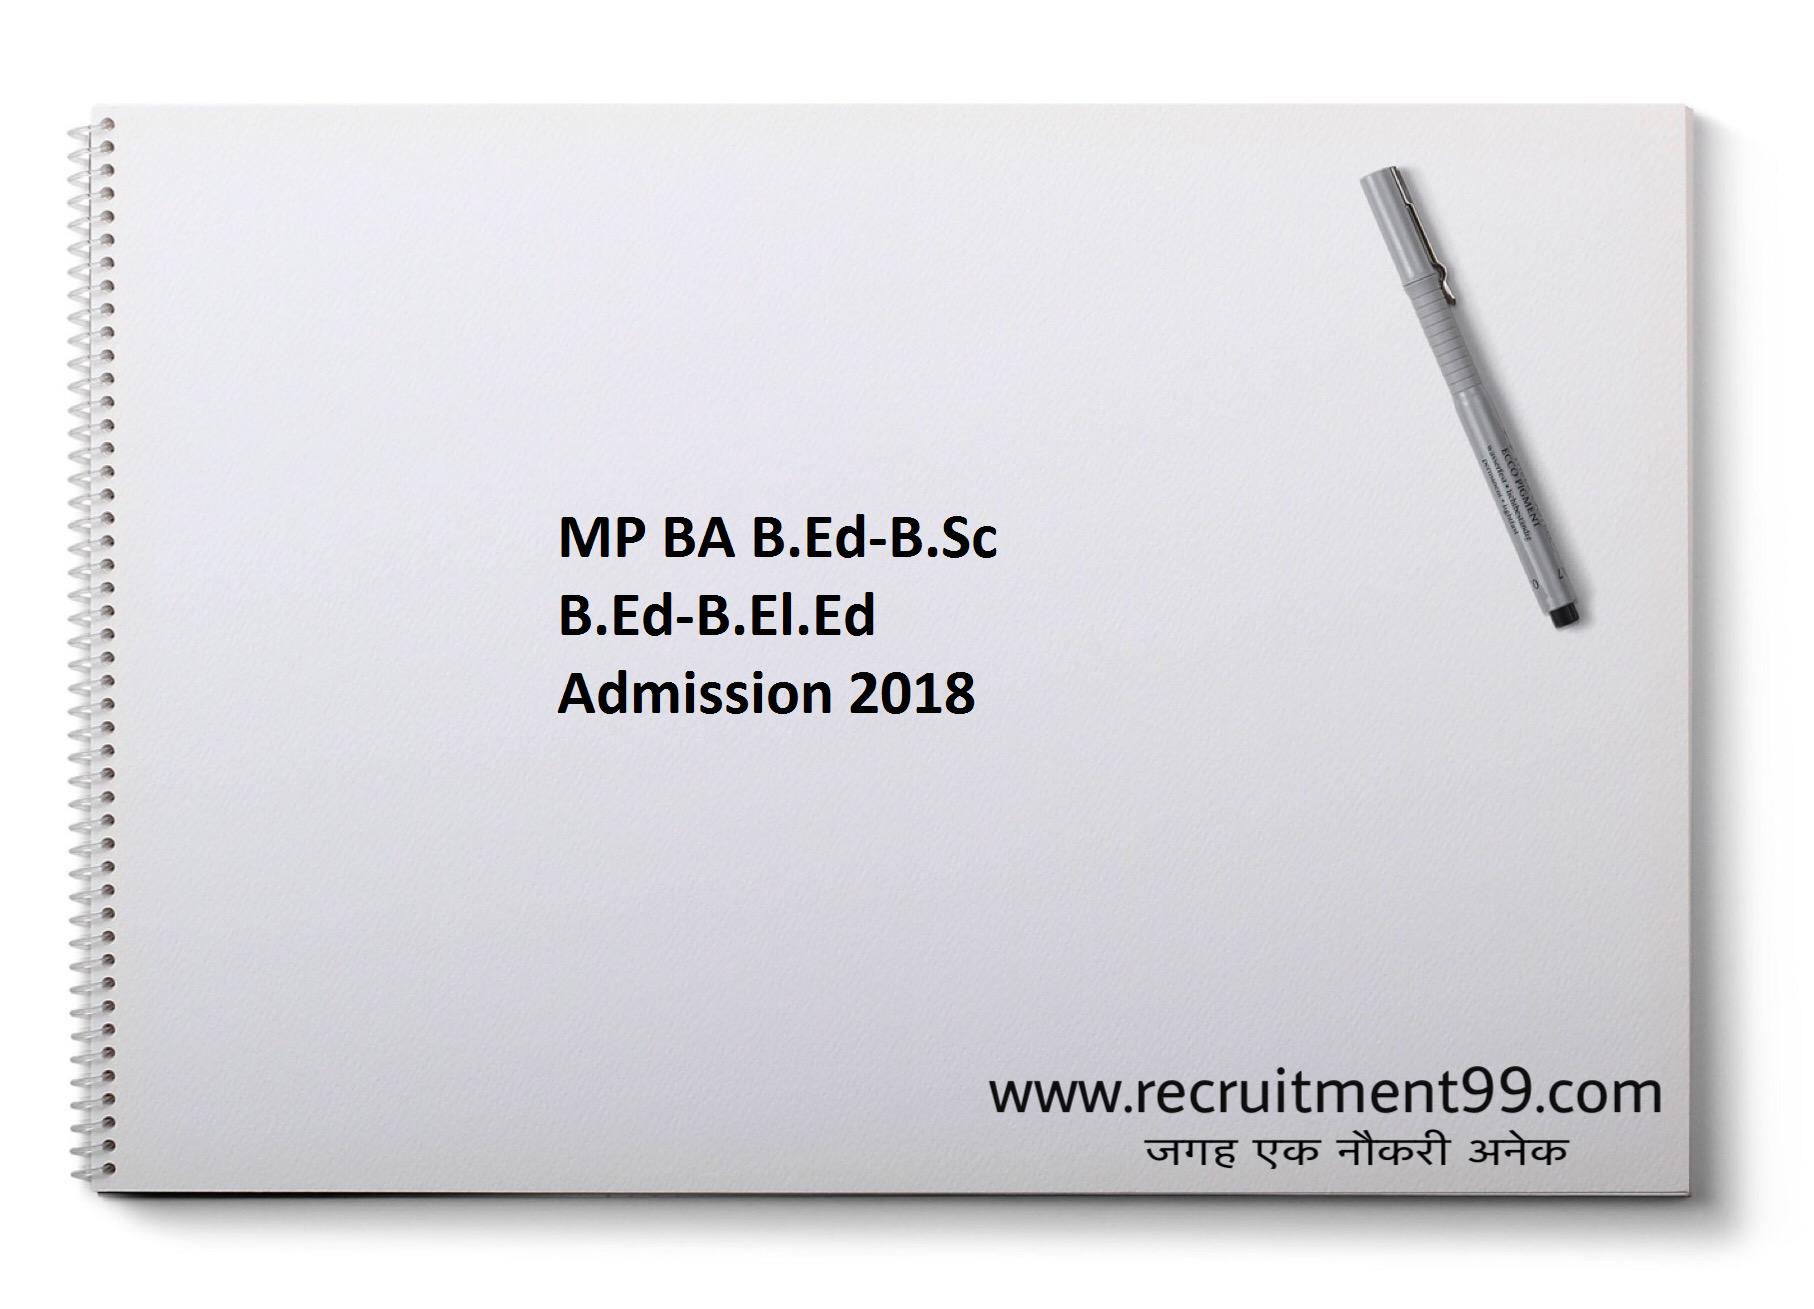 MP BA B.Ed-B.Sc B.Ed-B.El.Ed Admission 2018